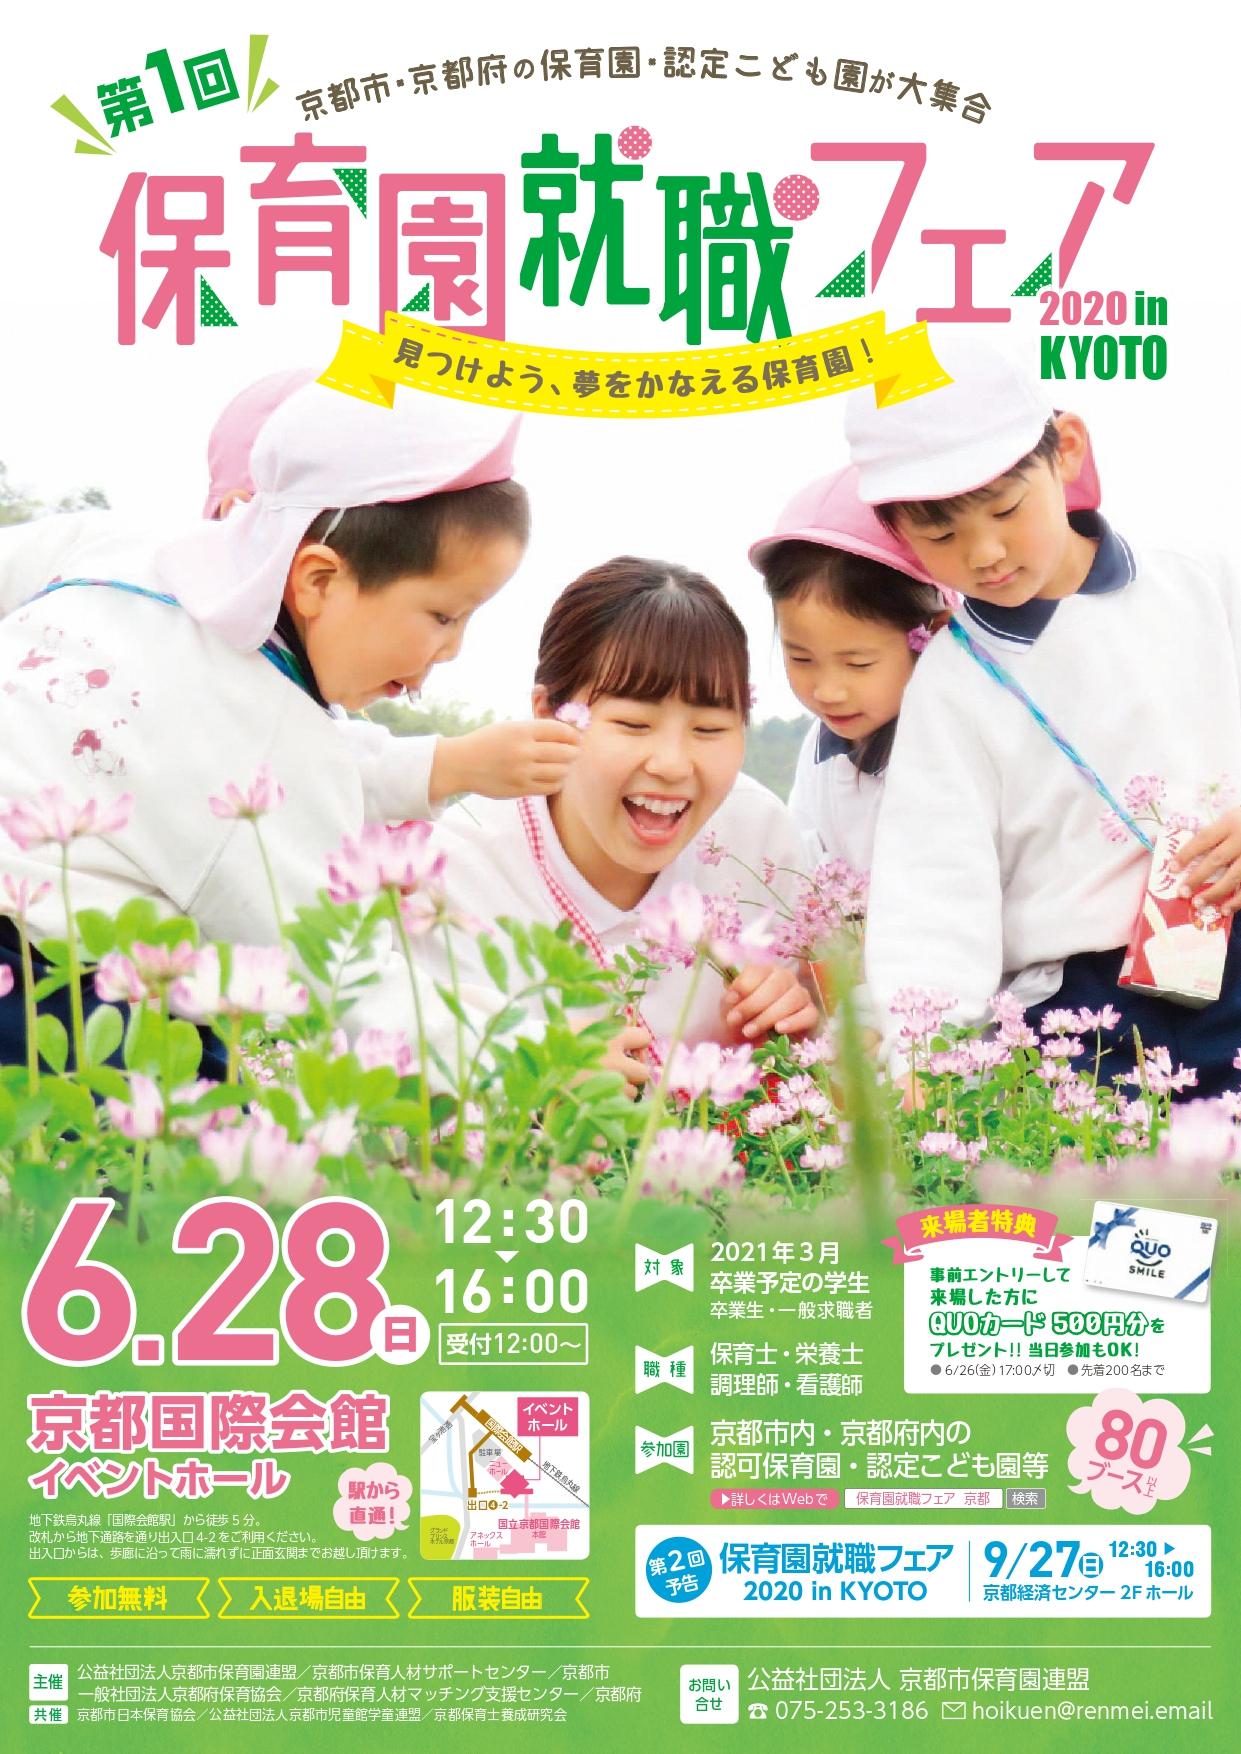 保育園就職フェア2020 in KYOTO